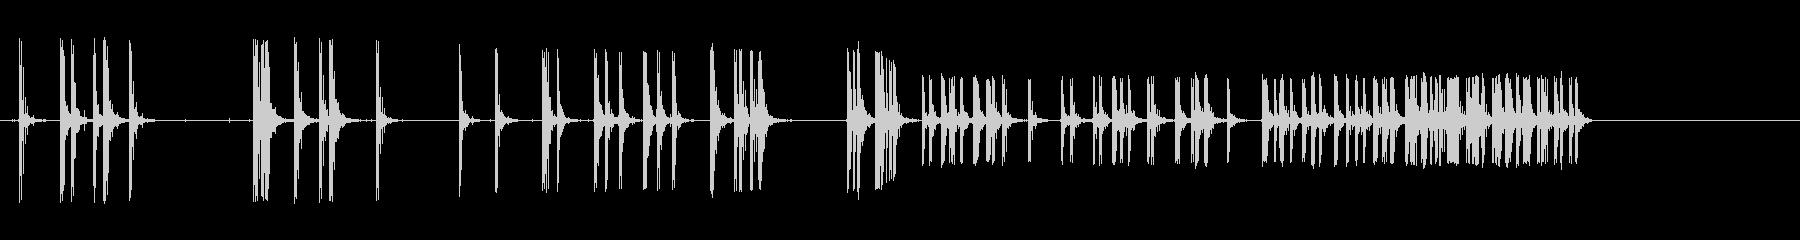 爆竹爆発;複数。の未再生の波形